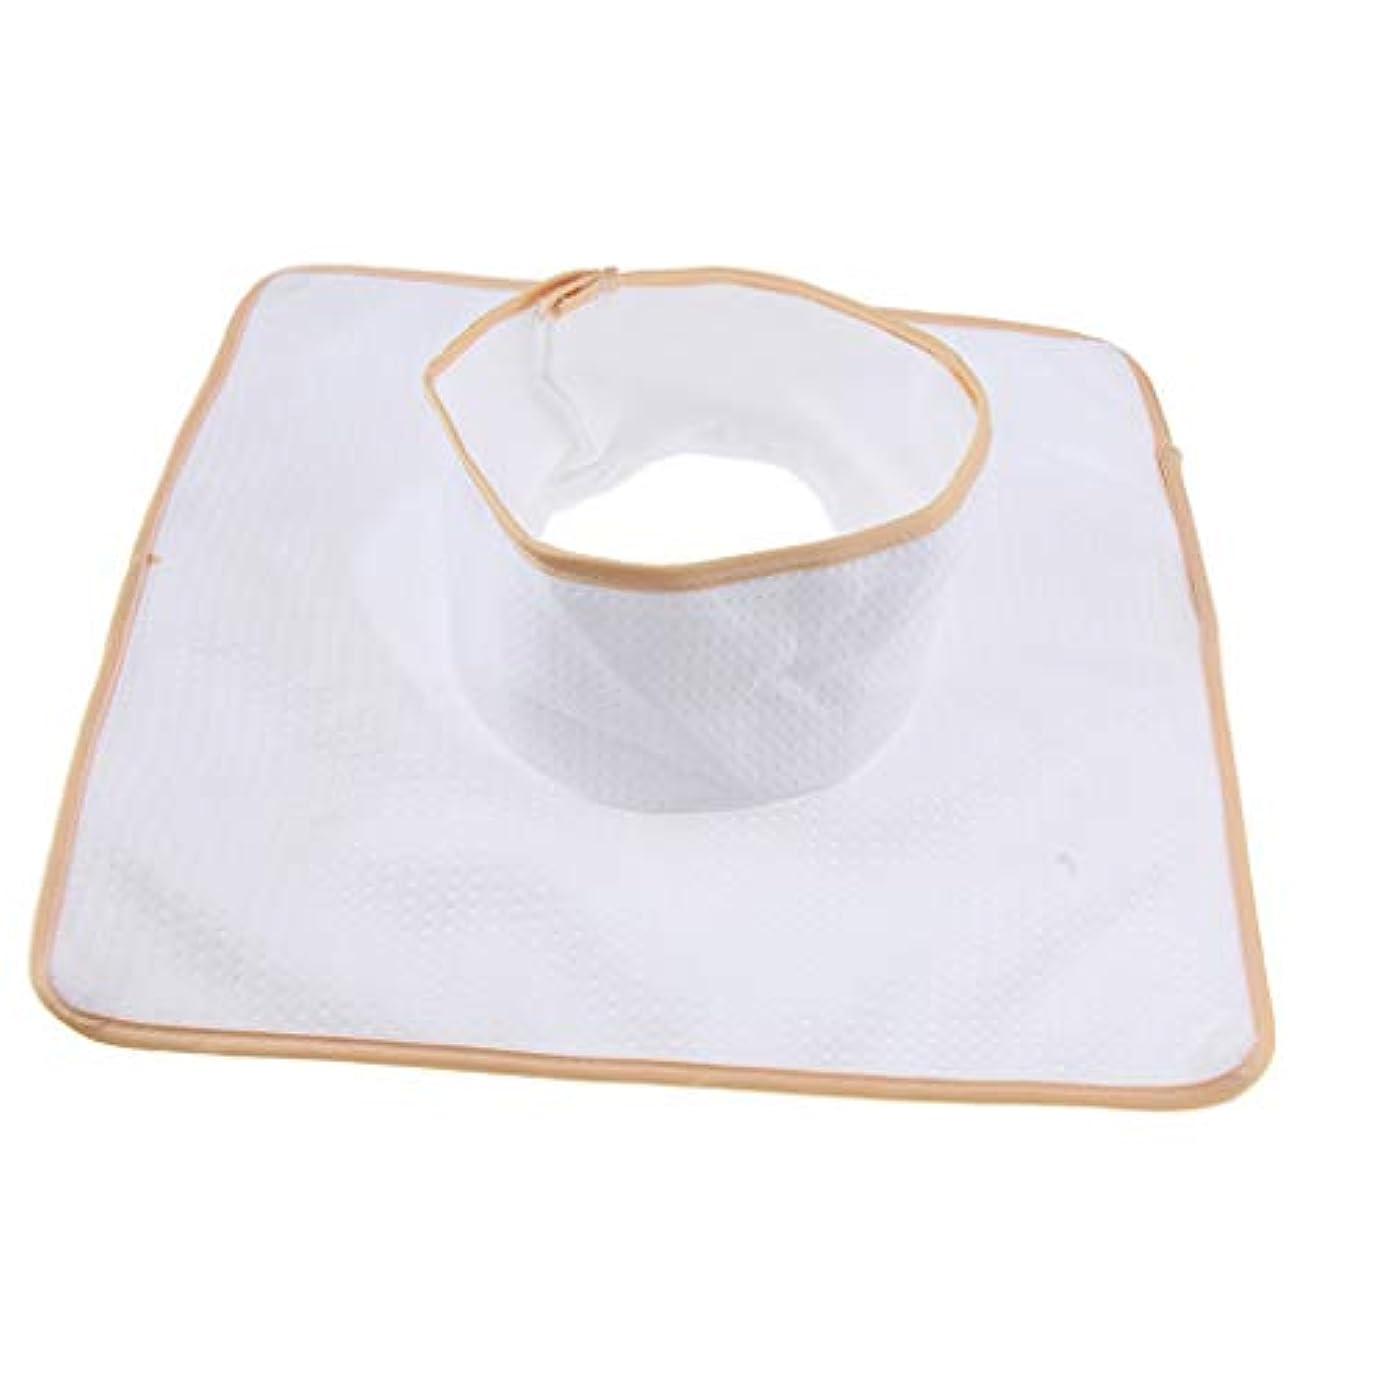 炭水化物影響力のあるメイエラマッサージ ベッドカバー シート パッド 洗濯可能 再利用可能 約35×35cm 全3色 - 白